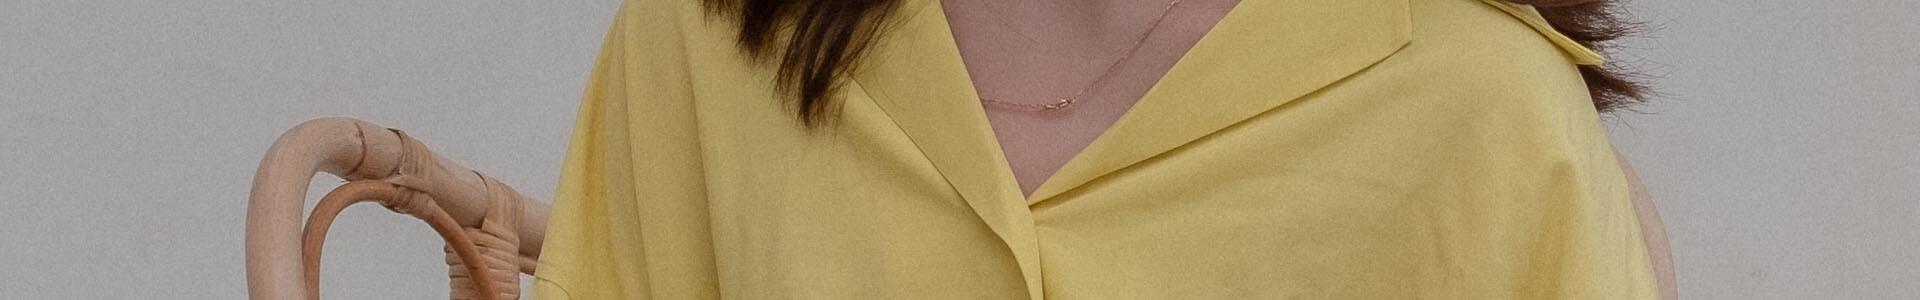 イエロークリームのオーバーサイズシャツ、一気に秋冬コーデをブラッシュアップできるアイテム